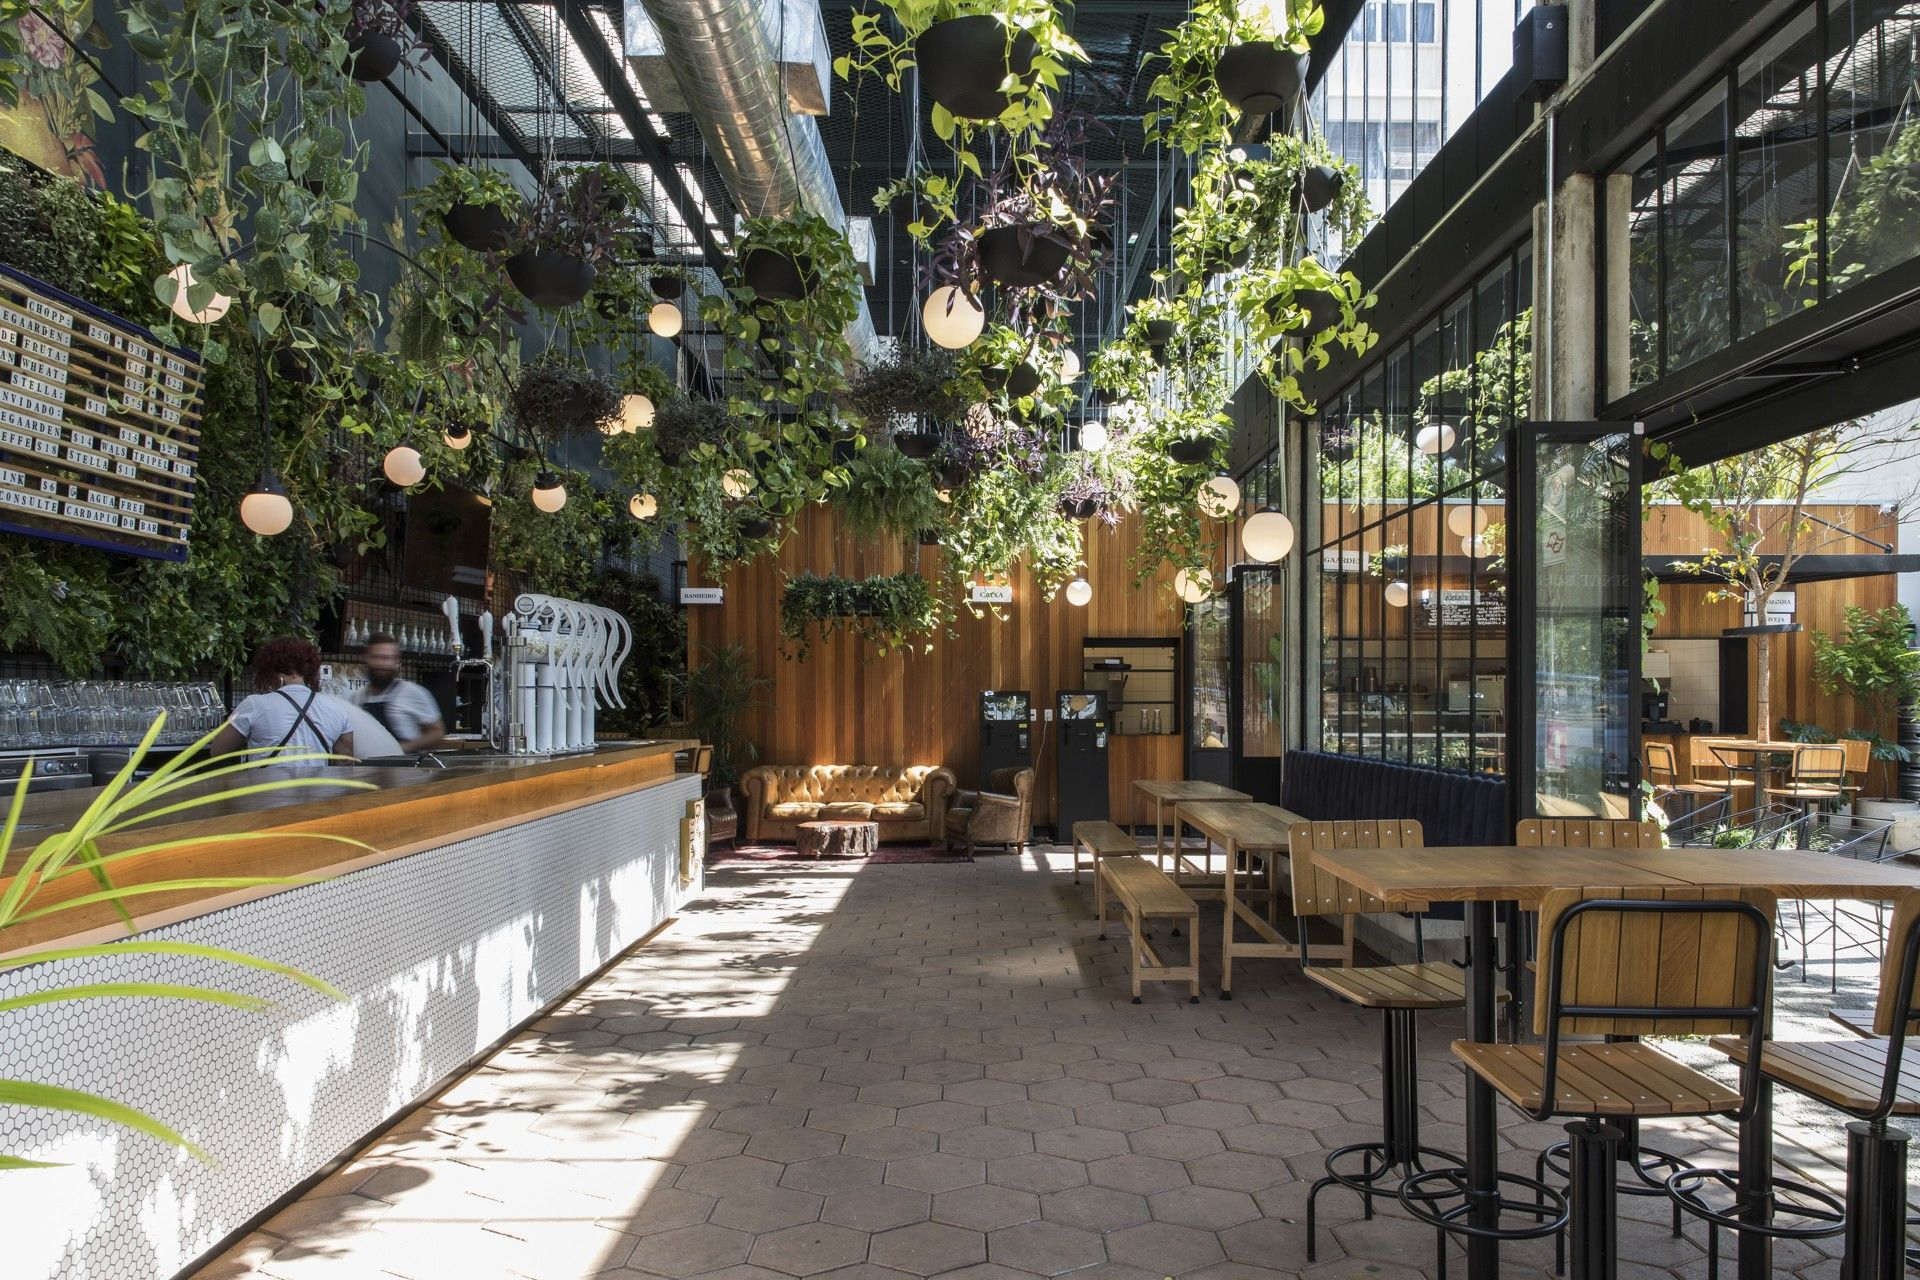 mau quan cafe cay xanh dep hinh that 7 Mẫu thiết kế quán cafe sân vườn đẹp giúp kinh doanh sinh lời giữ chân khách hàng trung thành